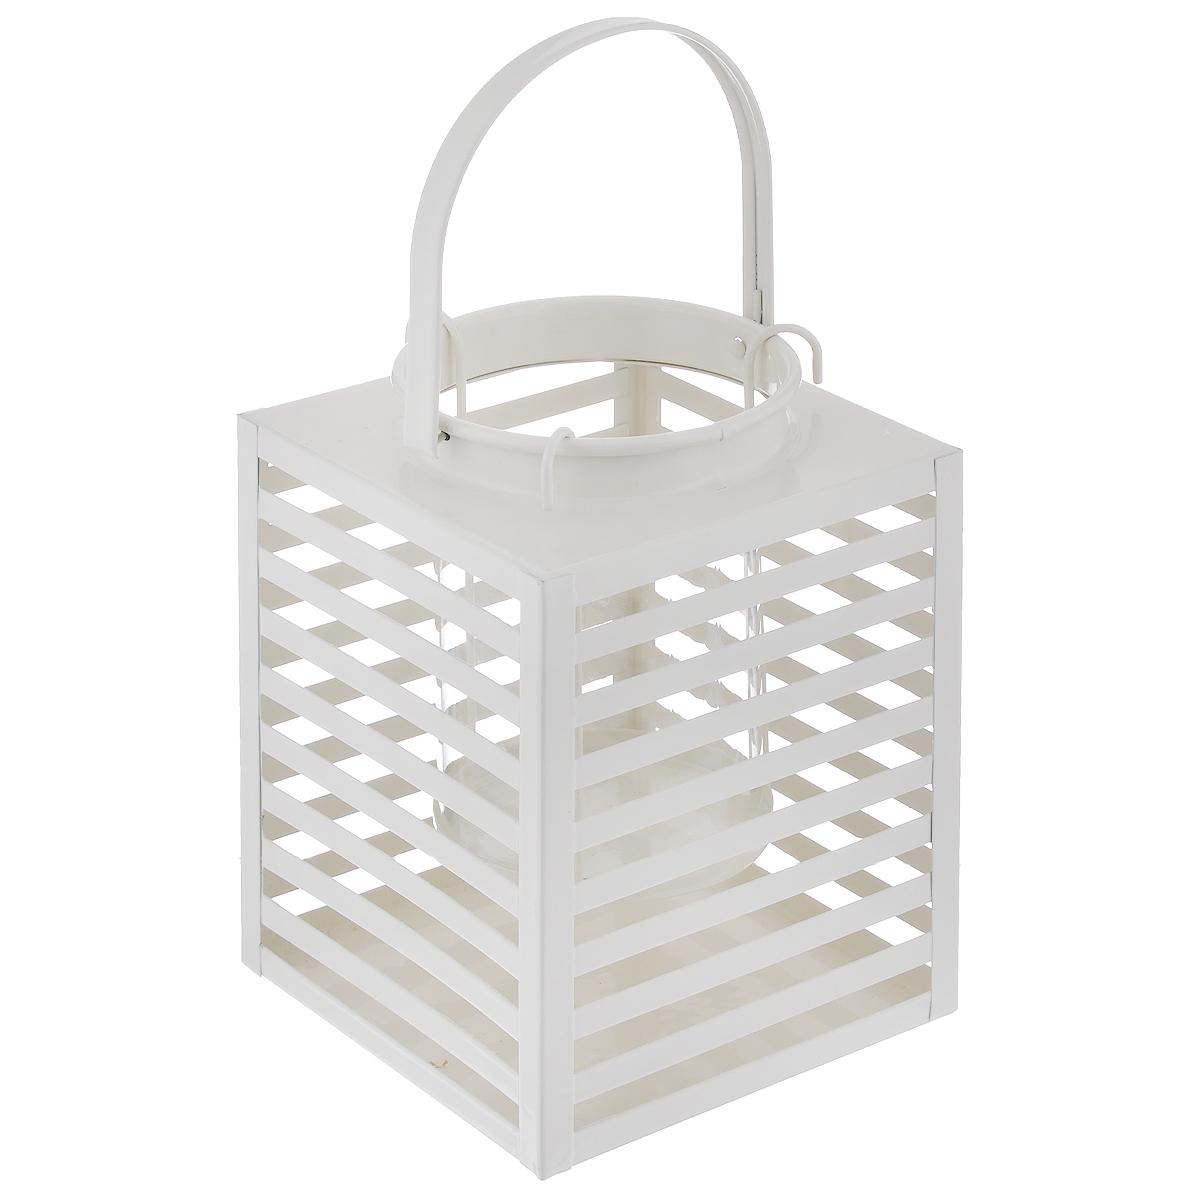 Подсвечник Gardman Orion, цвет: кремовый, 14,5 х 19 см19764кДекоративный подсвечник Gardman Orion порадует каждого, кто его увидит. Подсвечник выполнен из металла в виде прямоугольной корзины, оснащенной внутри пластиковой емкостью для размещения свечи. Изделие оснащено металлической ручкой. Теплое мерцание пламени свечи подарит вам настроение волшебства и торжественности. Создайте в своем доме атмосферу уюта, преображая интерьер стильными, радующими глаза предметами. Размер подсвечника: 14,5 см х 14,5 см х 19 см. Высота емкости для свечи: 10 см. Диаметр емкости для свечи (по верхнему краю): 9 см. Высота ручки: 11 см.